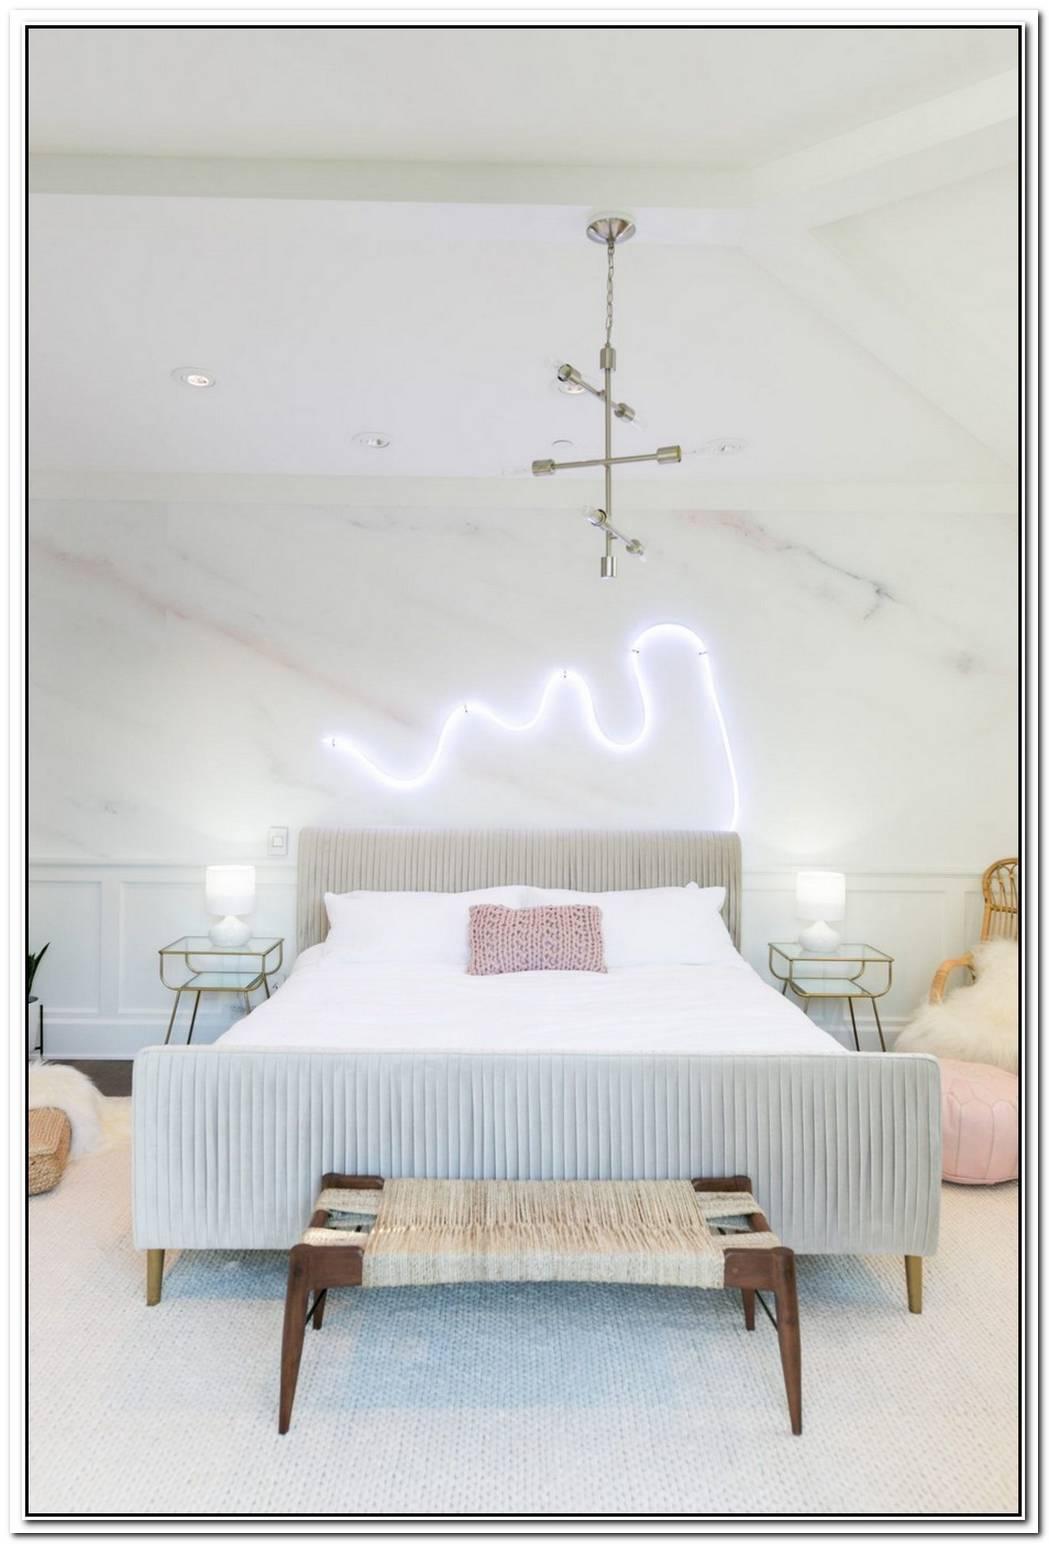 11 Clever Bedroom Lighting Ideas